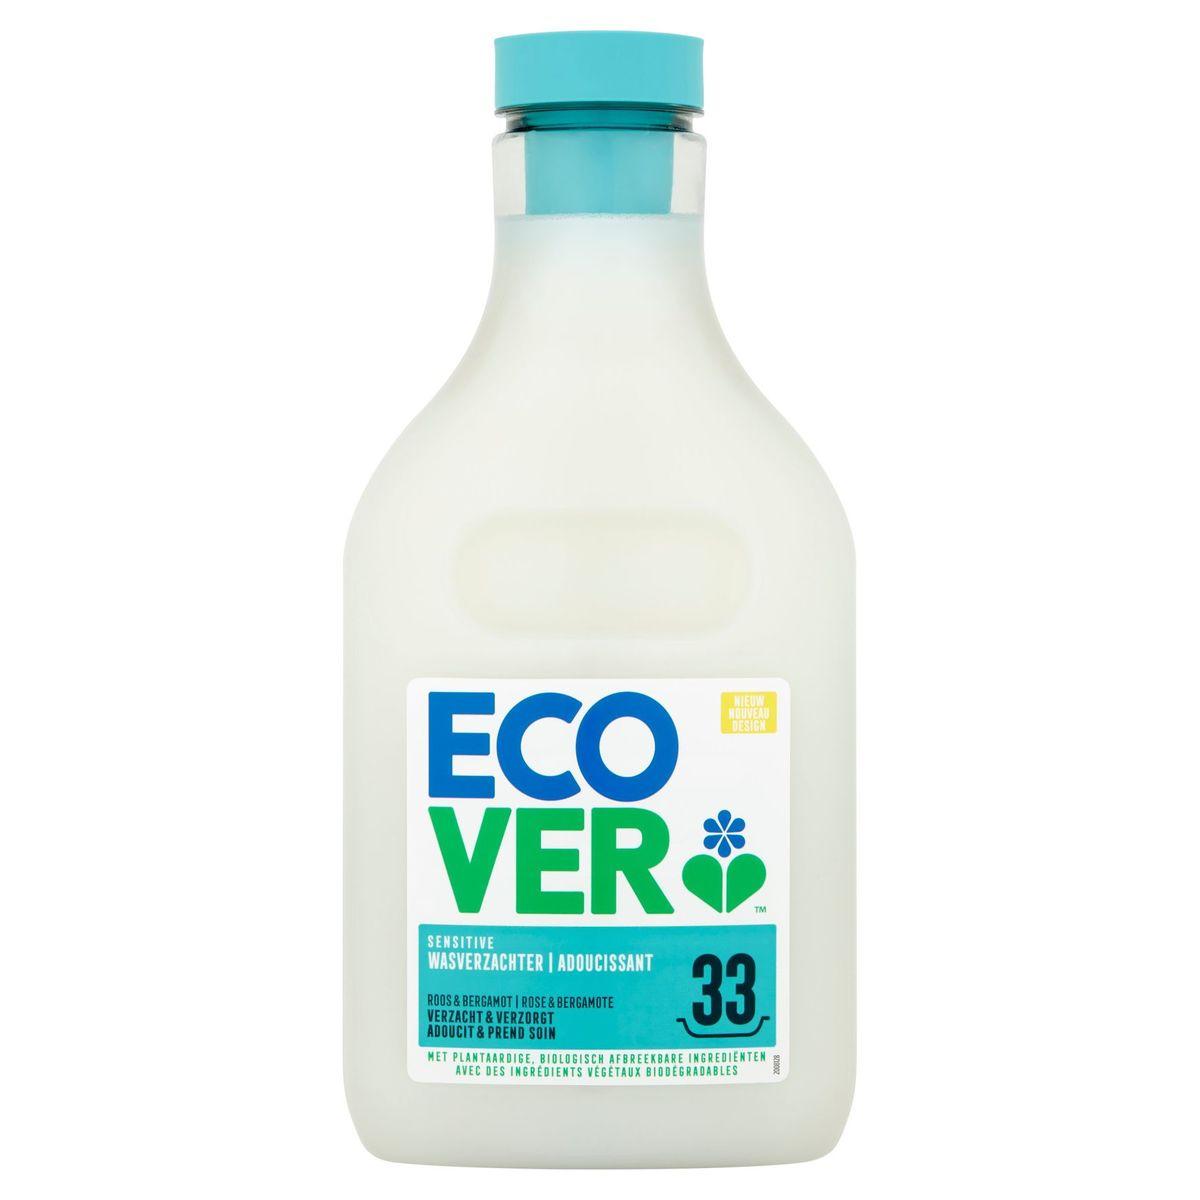 Ecover Sensitive Adoucissant Rose & Bergamote 33 Lavages 1 L